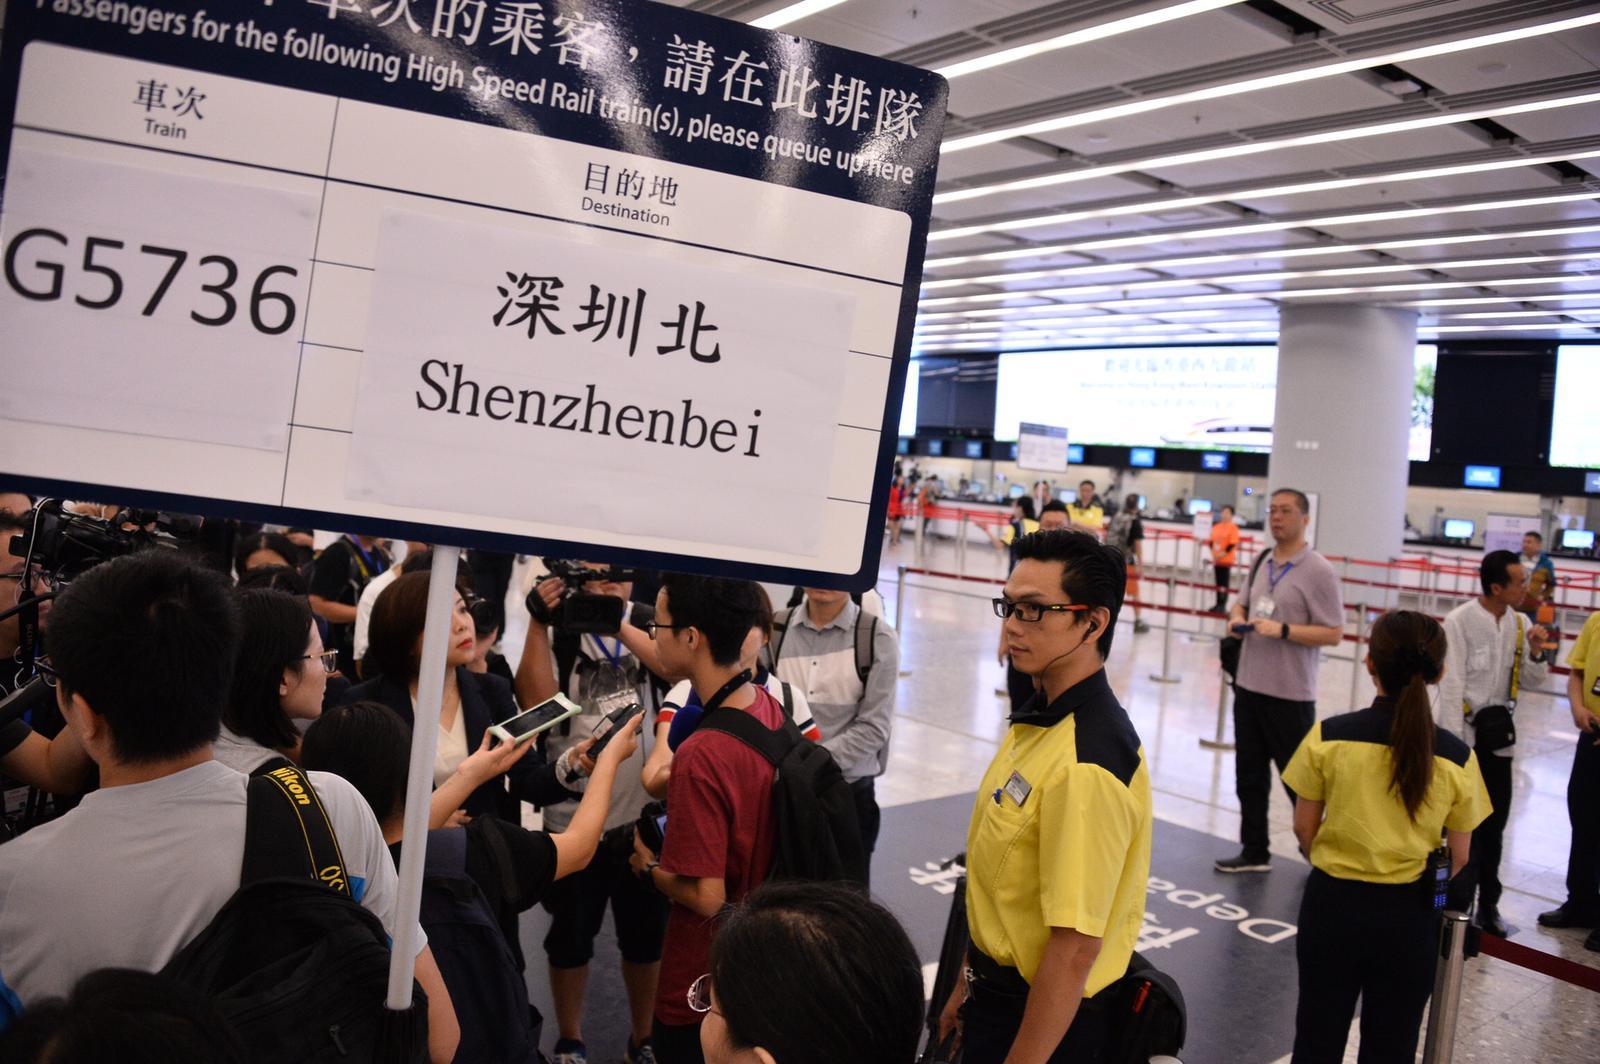 首班列車(車次G5736)以深圳北站為終點。